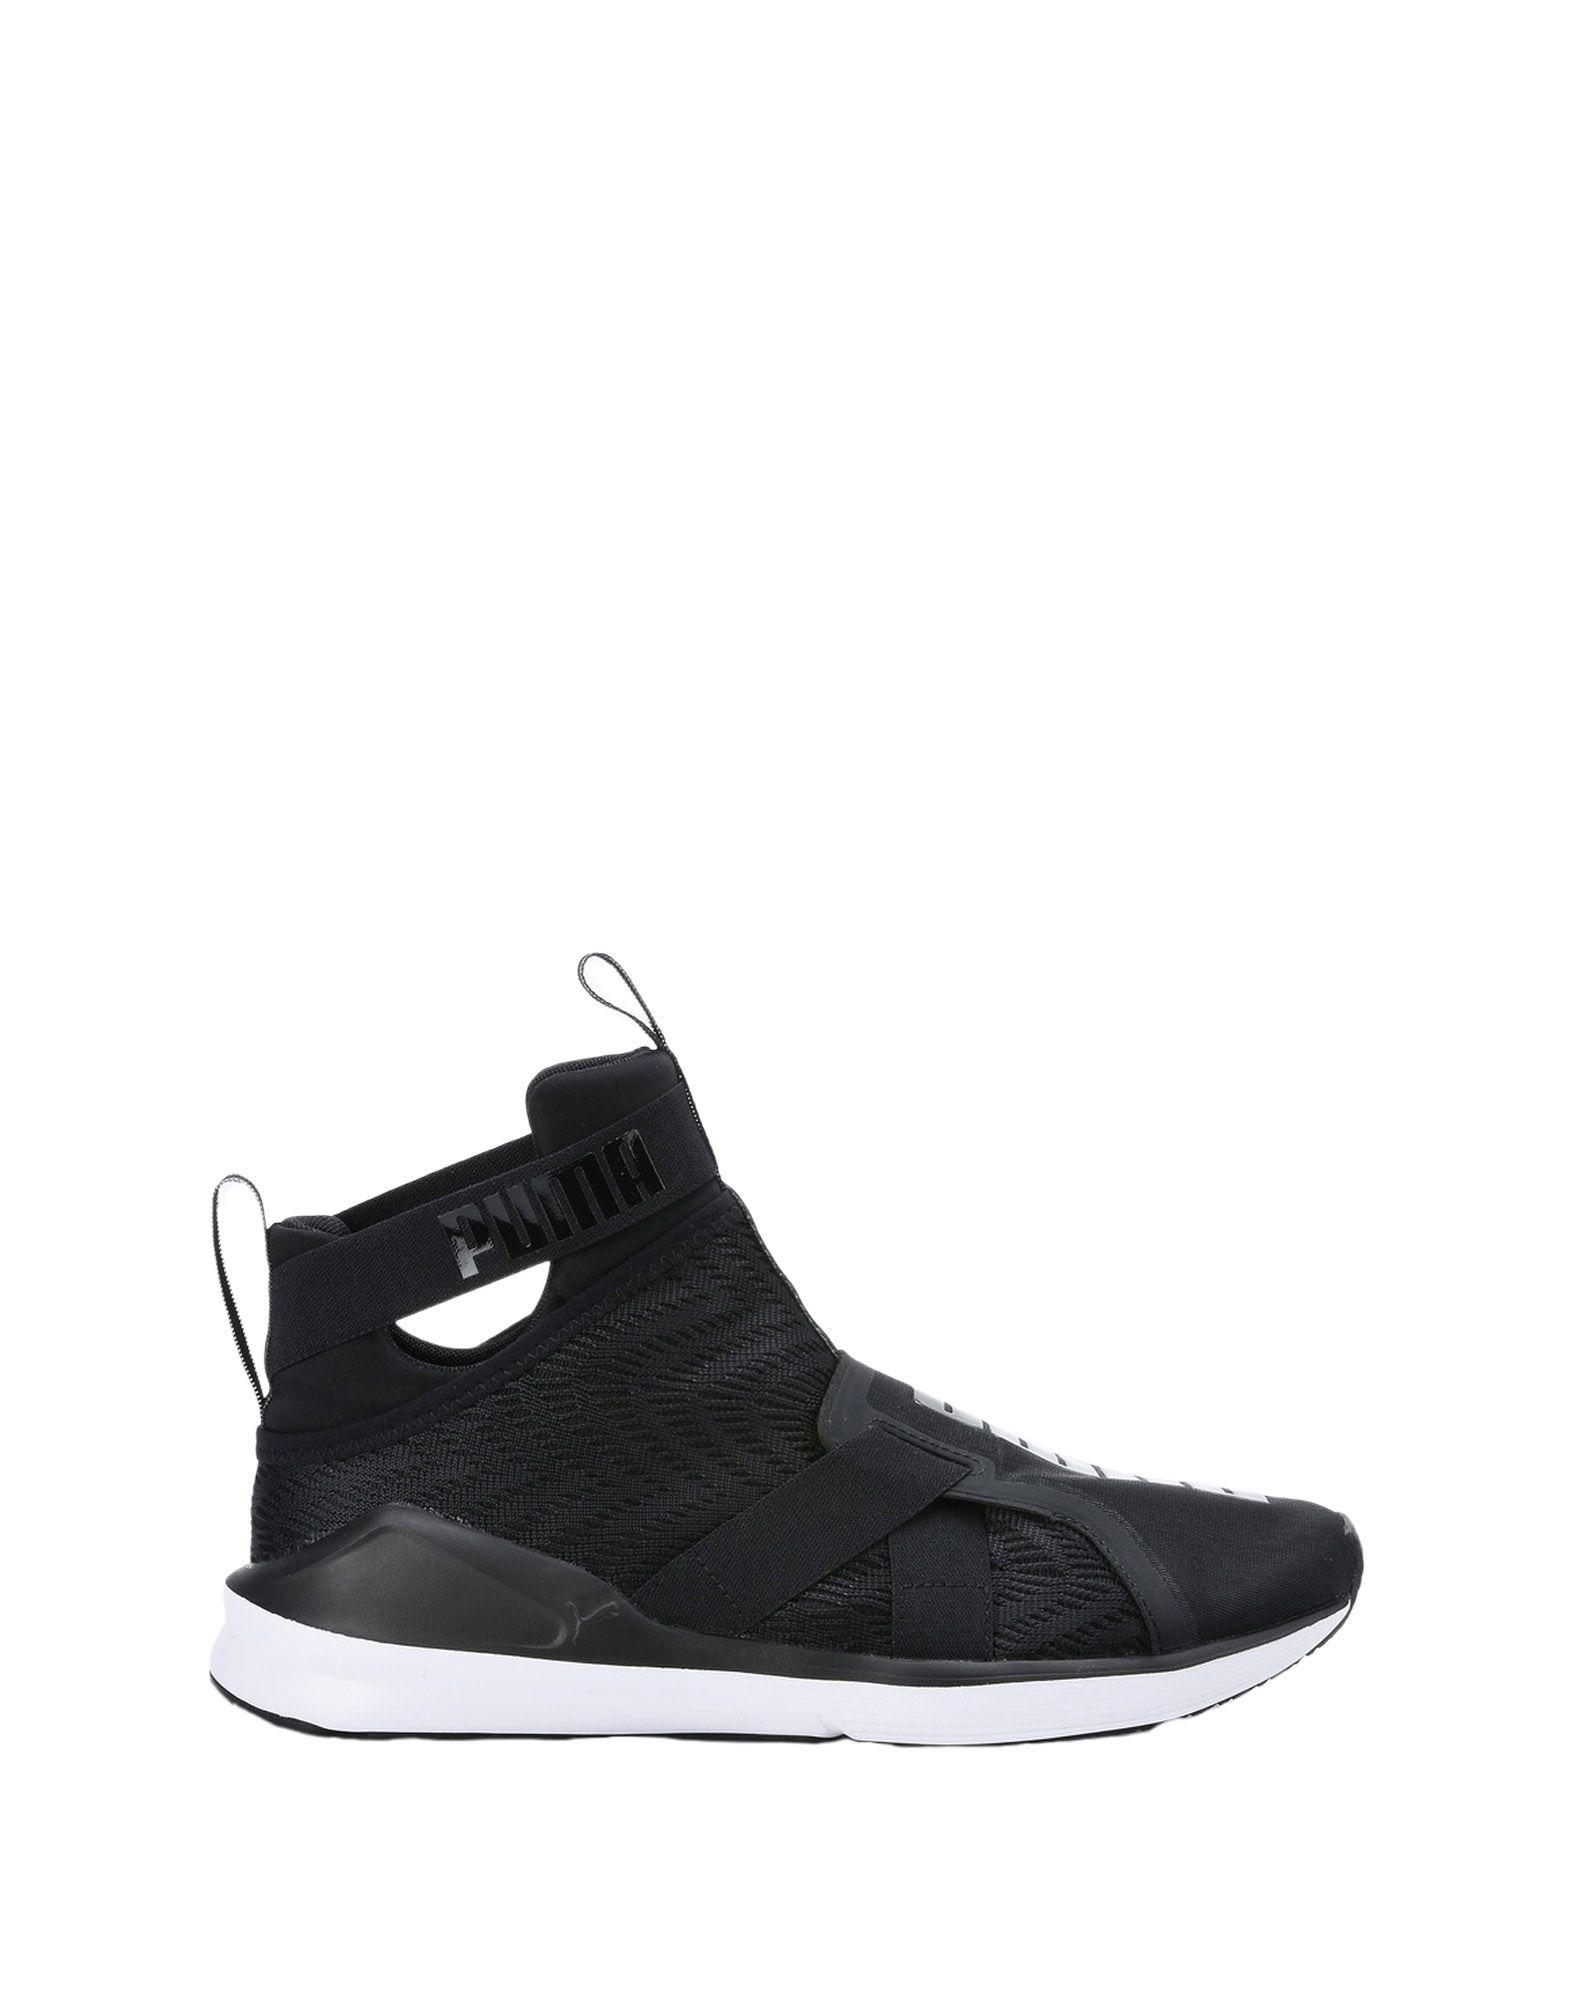 Puma Puma Puma Fierce Strap Swirl Wn's - Sneakers - Women Puma Sneakers online on  United Kingdom - 11333504TE c7082b